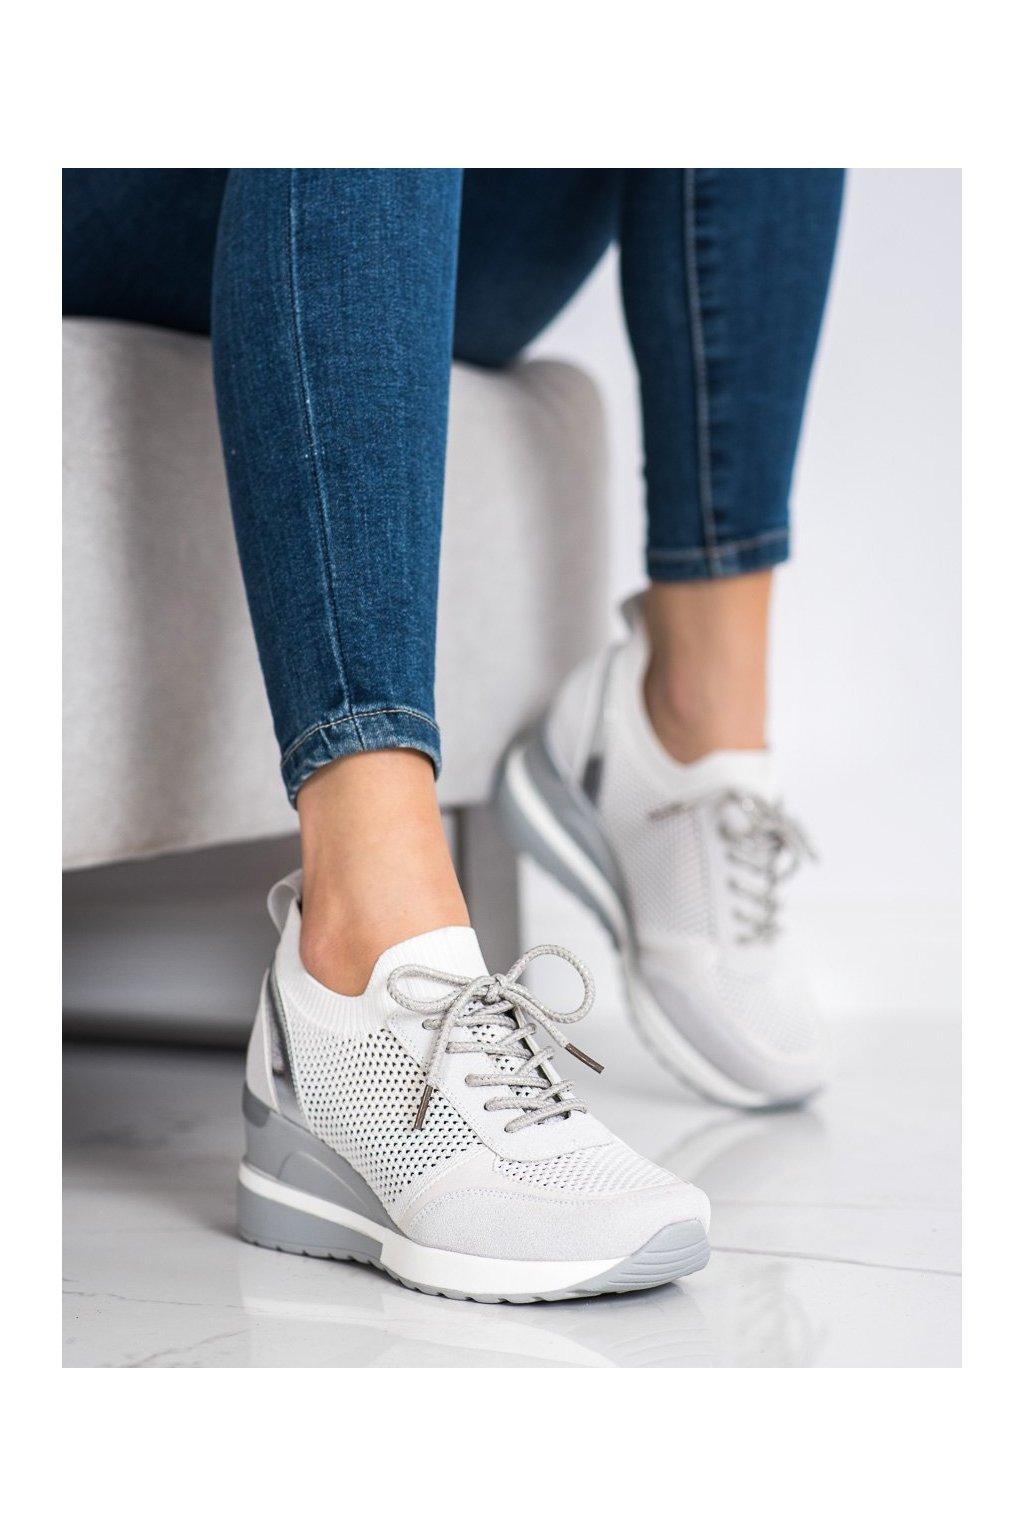 Sivé tenisky Vinceza kod XY21-10592G